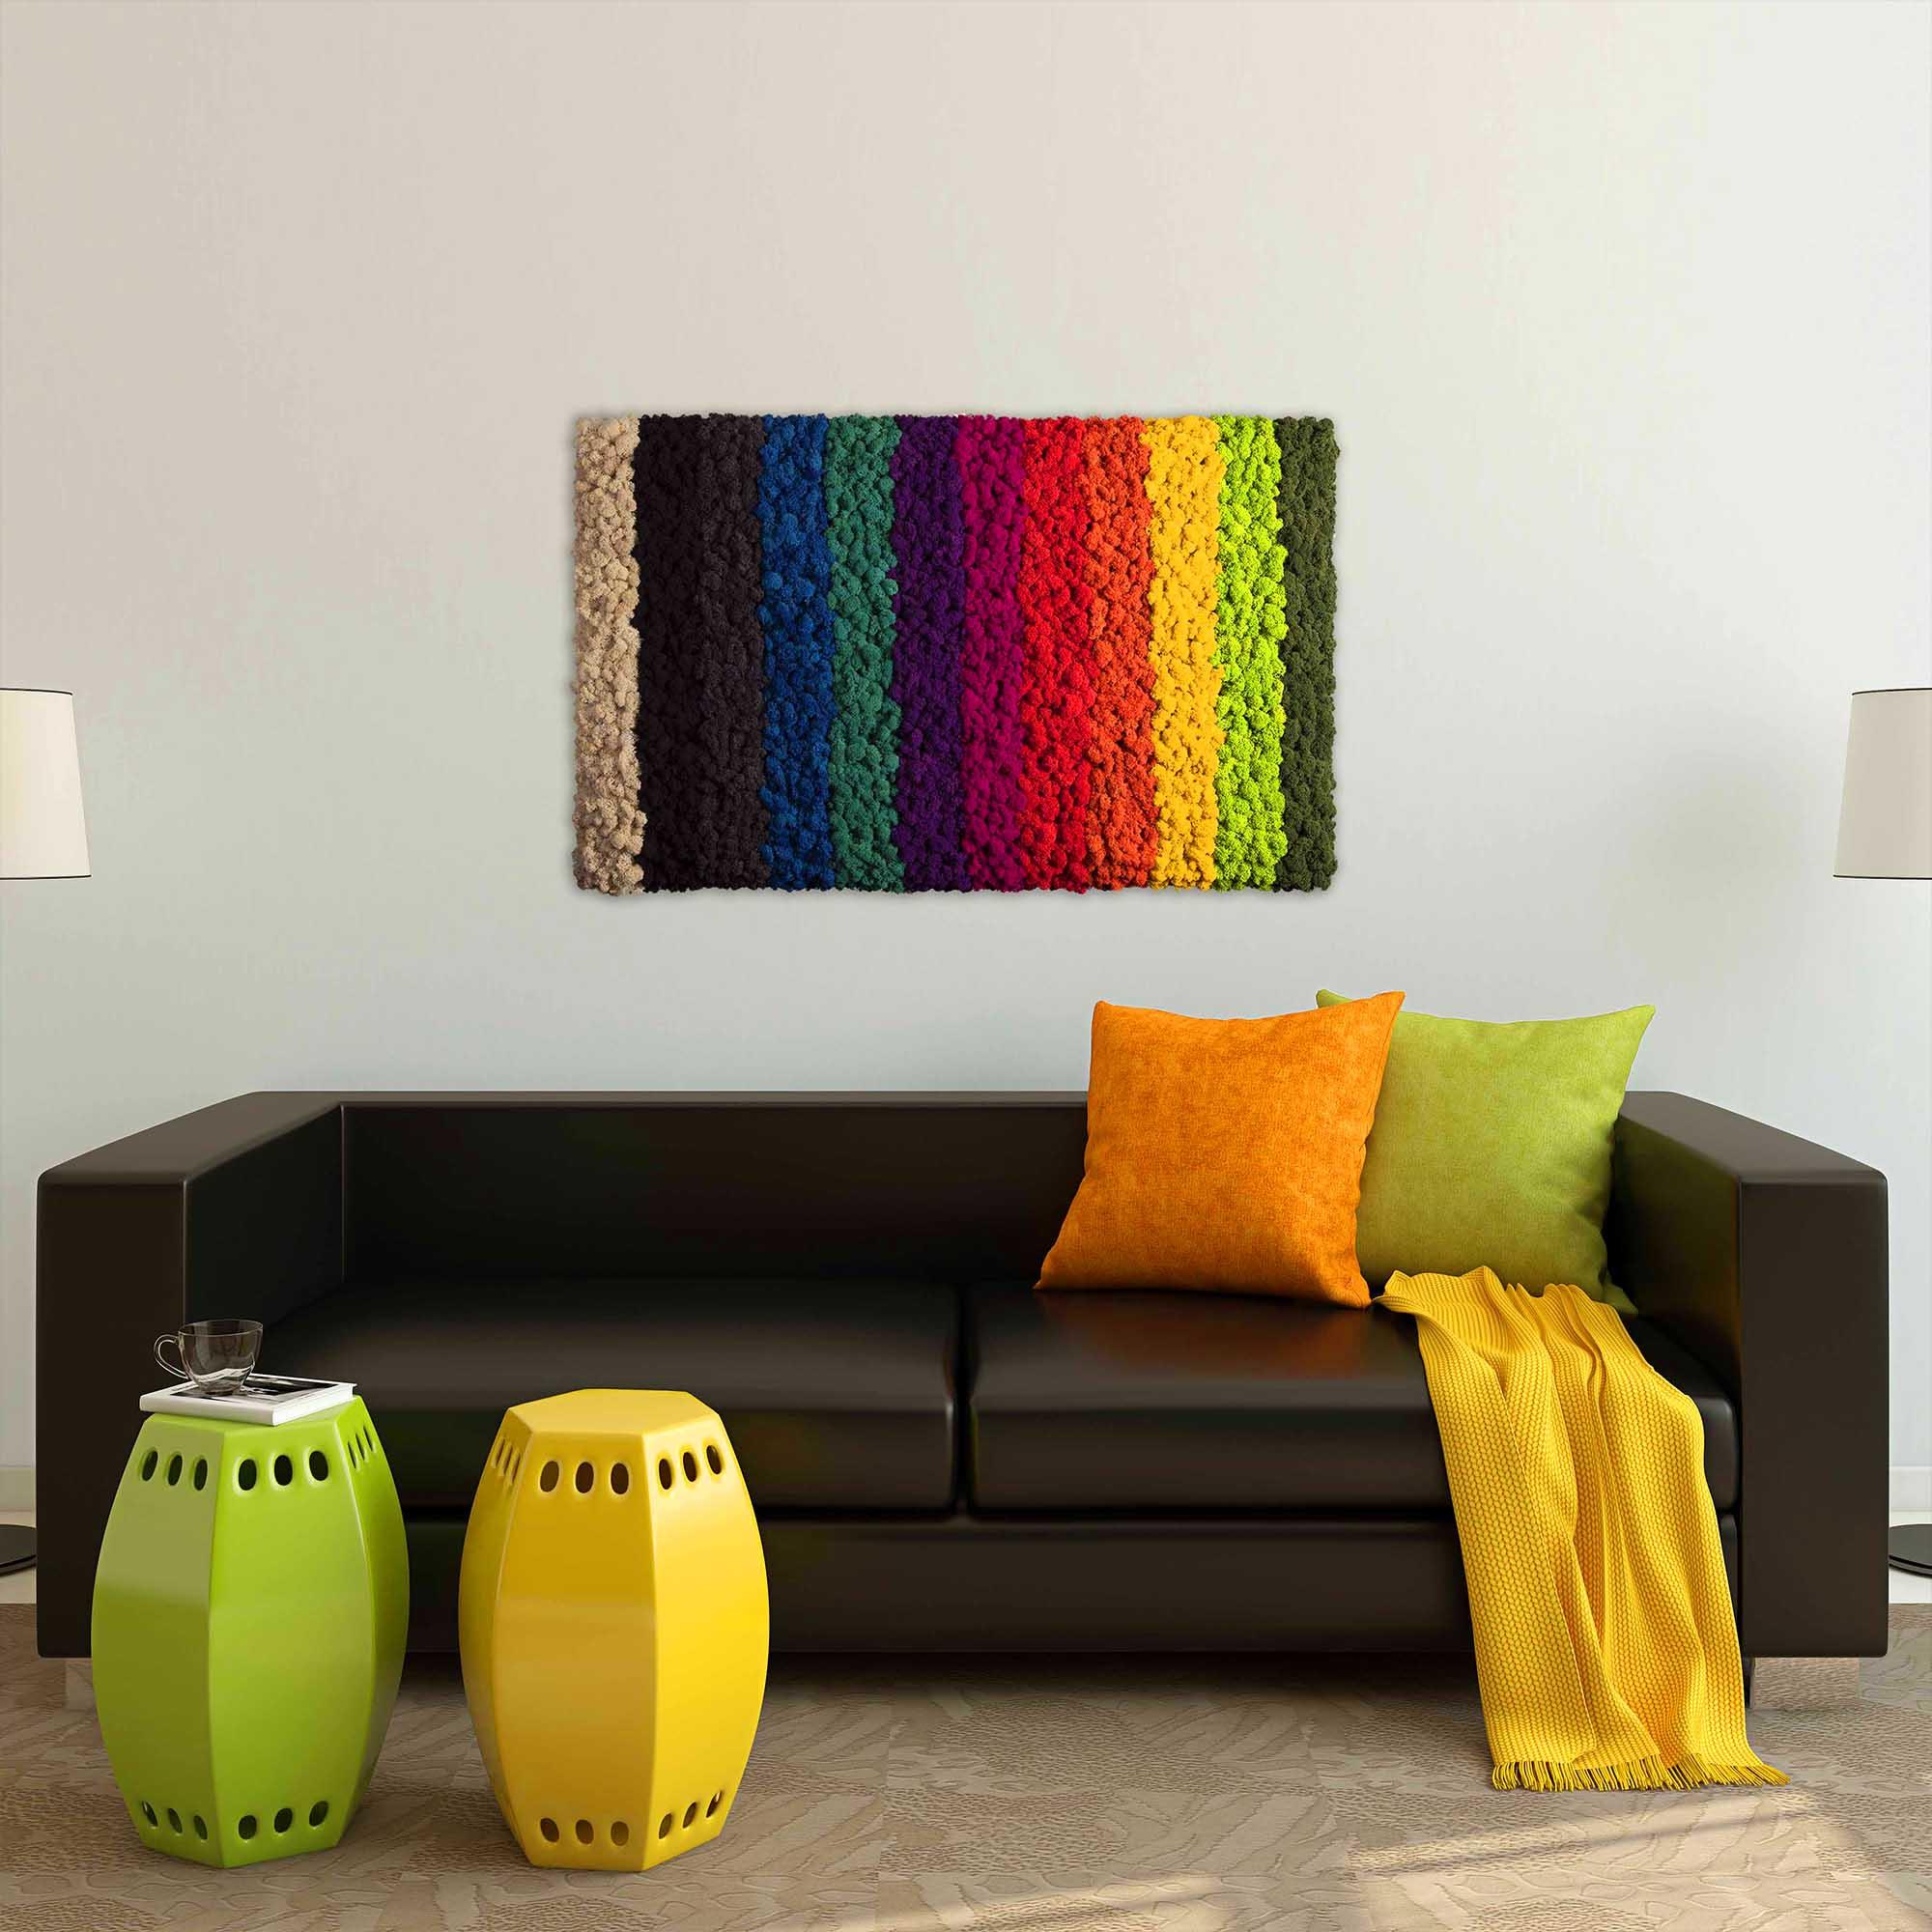 Islandmoos in Regenbogenfarben über schwarzer Ledercouch